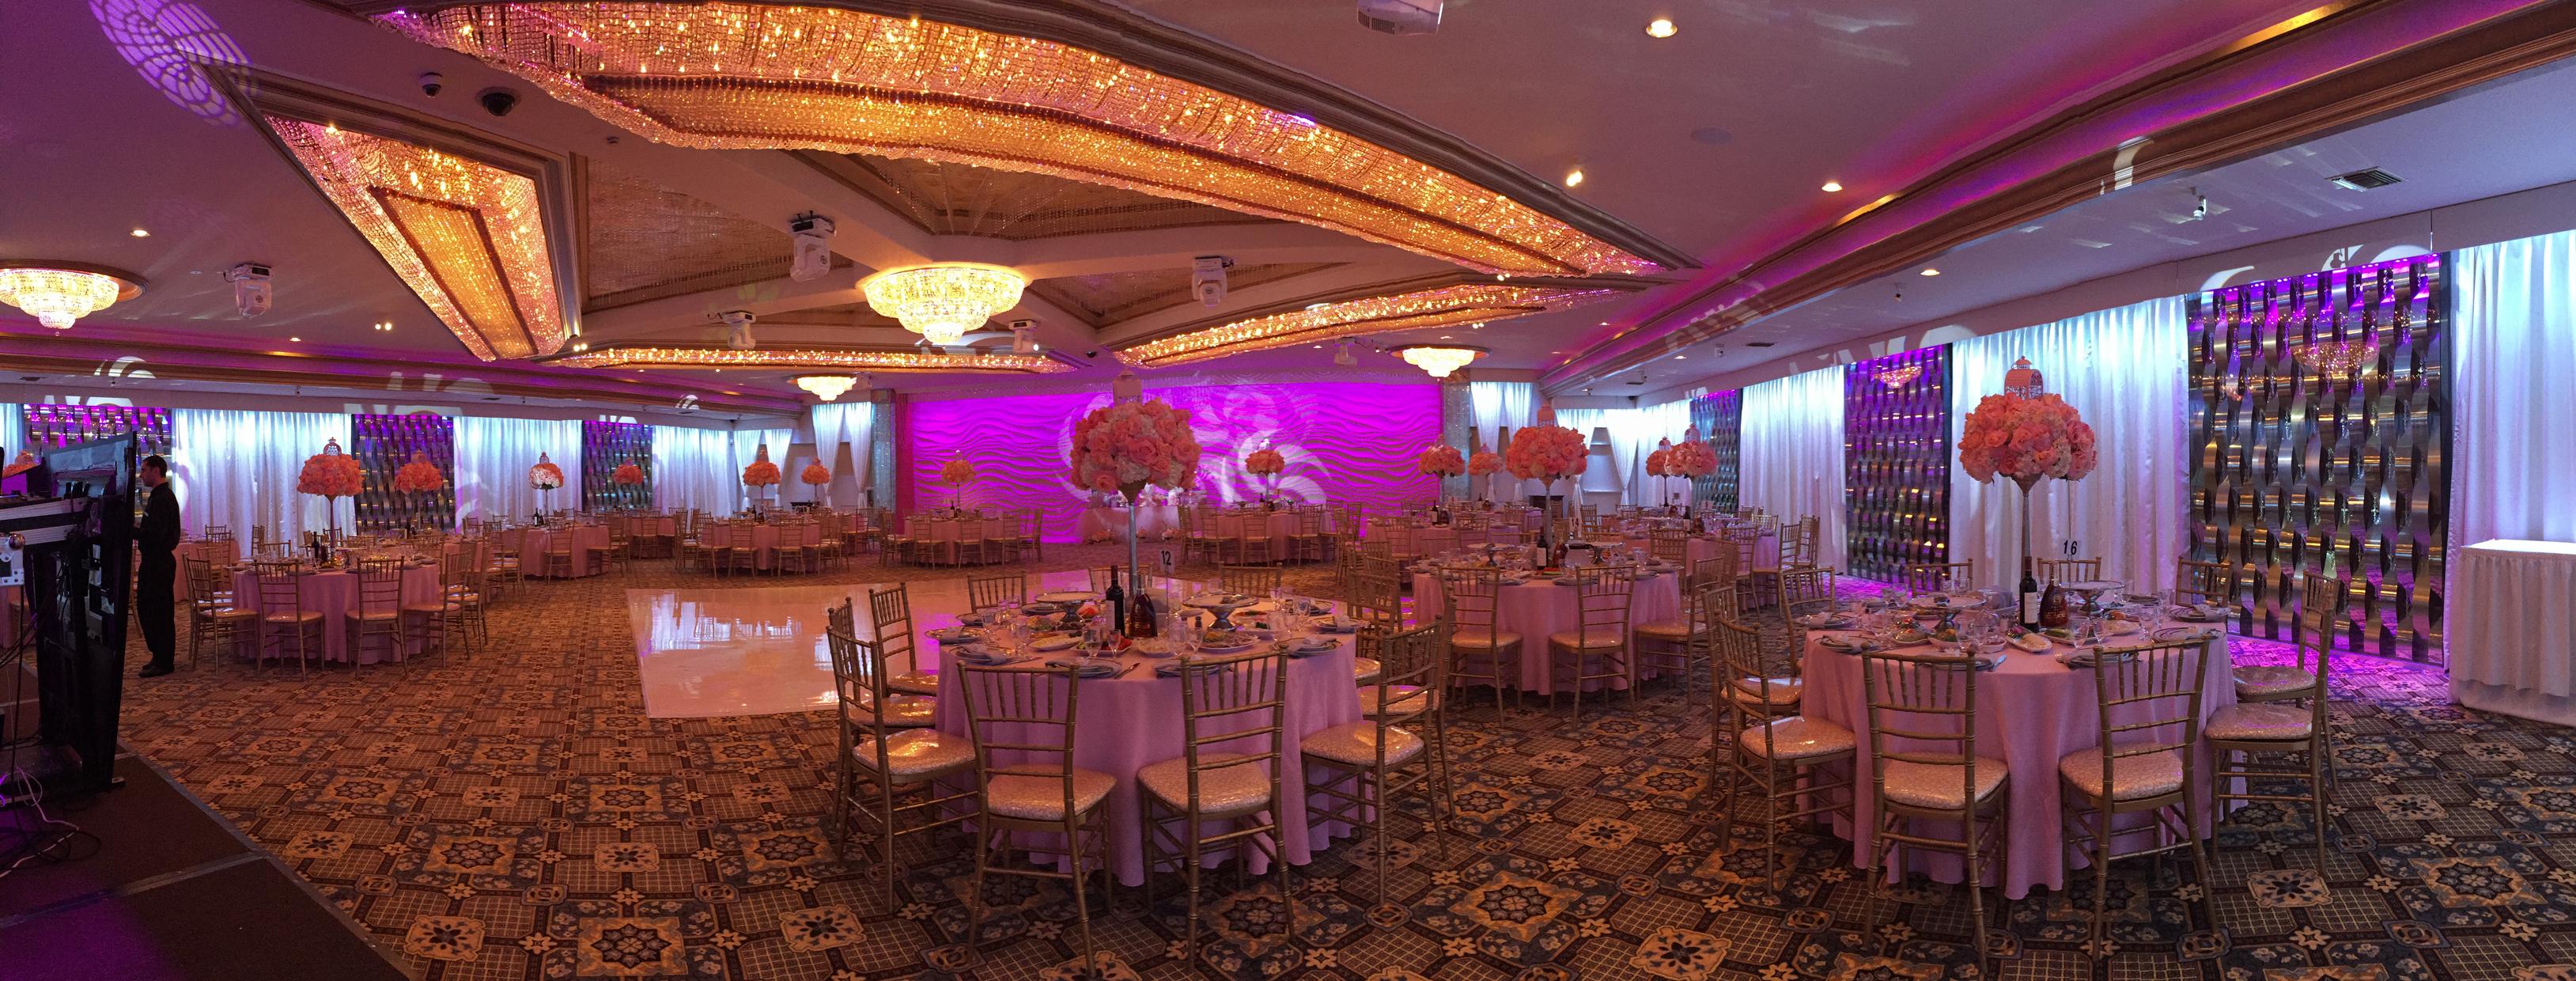 Mirage Banquet Hall